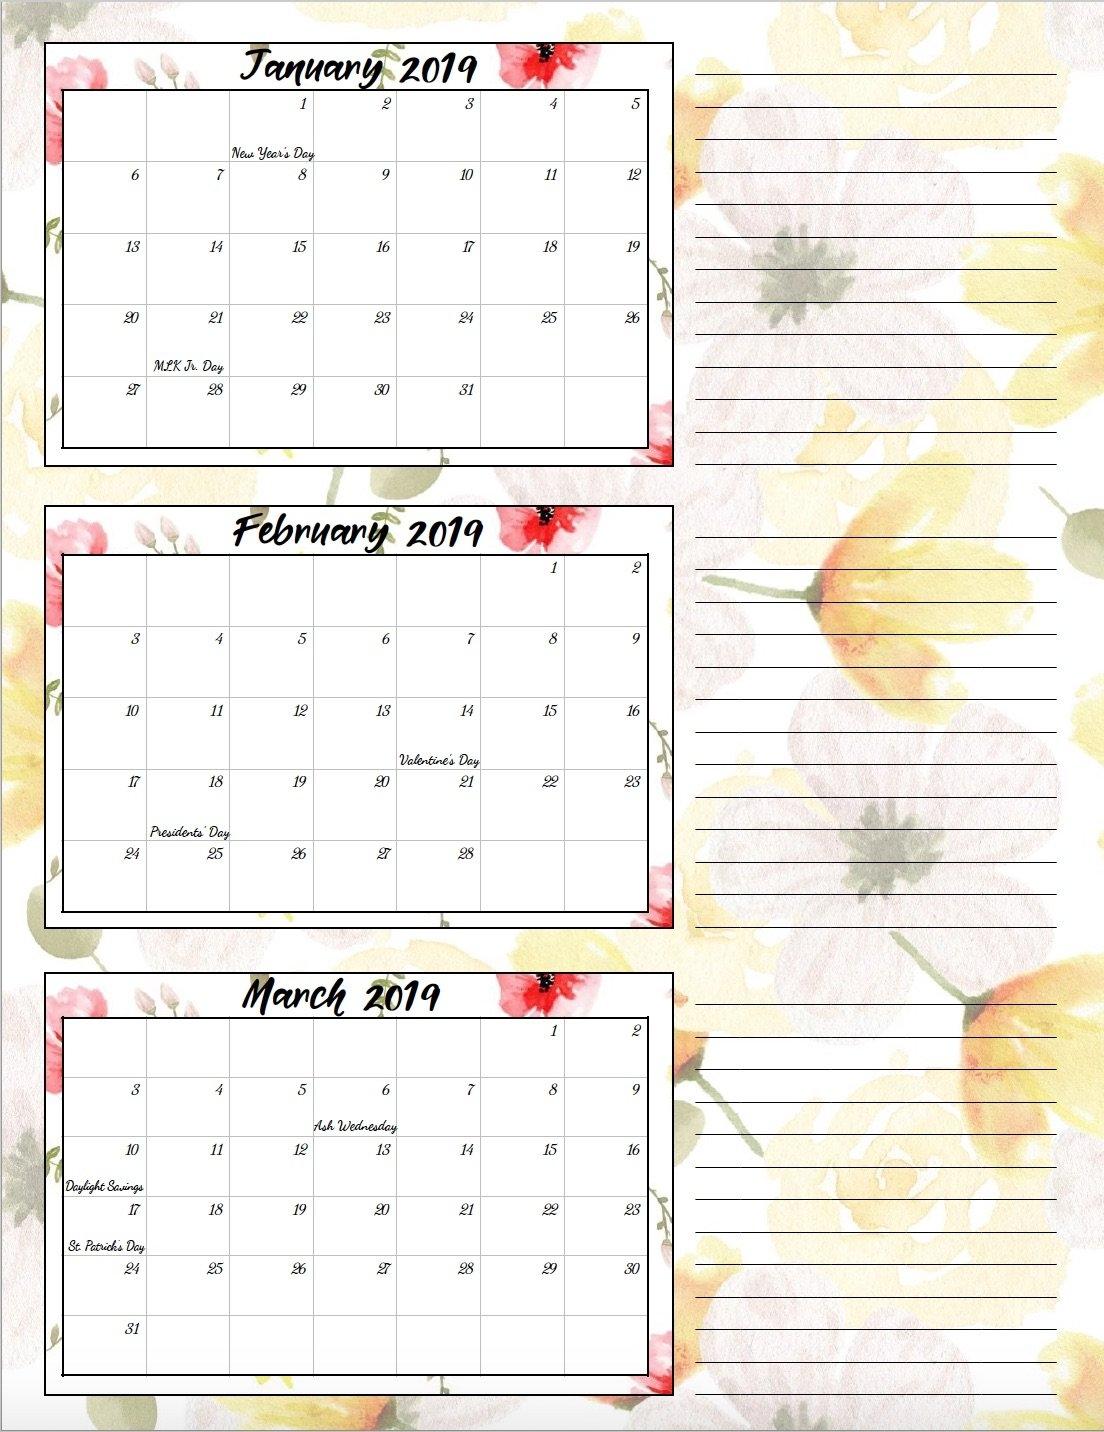 Free Printable 2019 Quarterly Calendars With Holidays: 3 Designs Calendar 2019 Quarterly